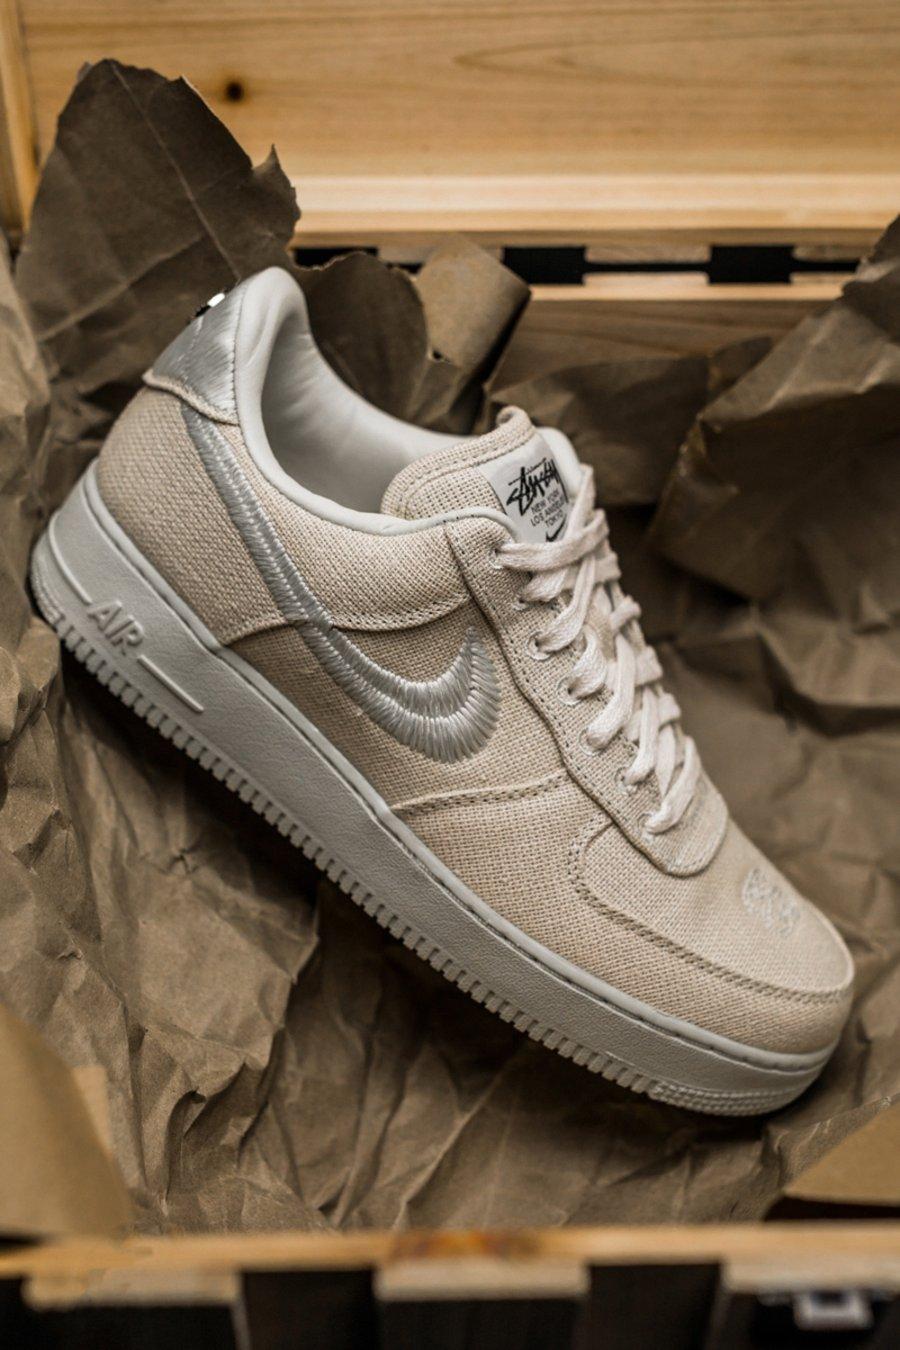 Nike  着急冲这些鞋的人都哭惨了!Nike 新鞋暴跌一万!闪电 AJ3 再创新低!